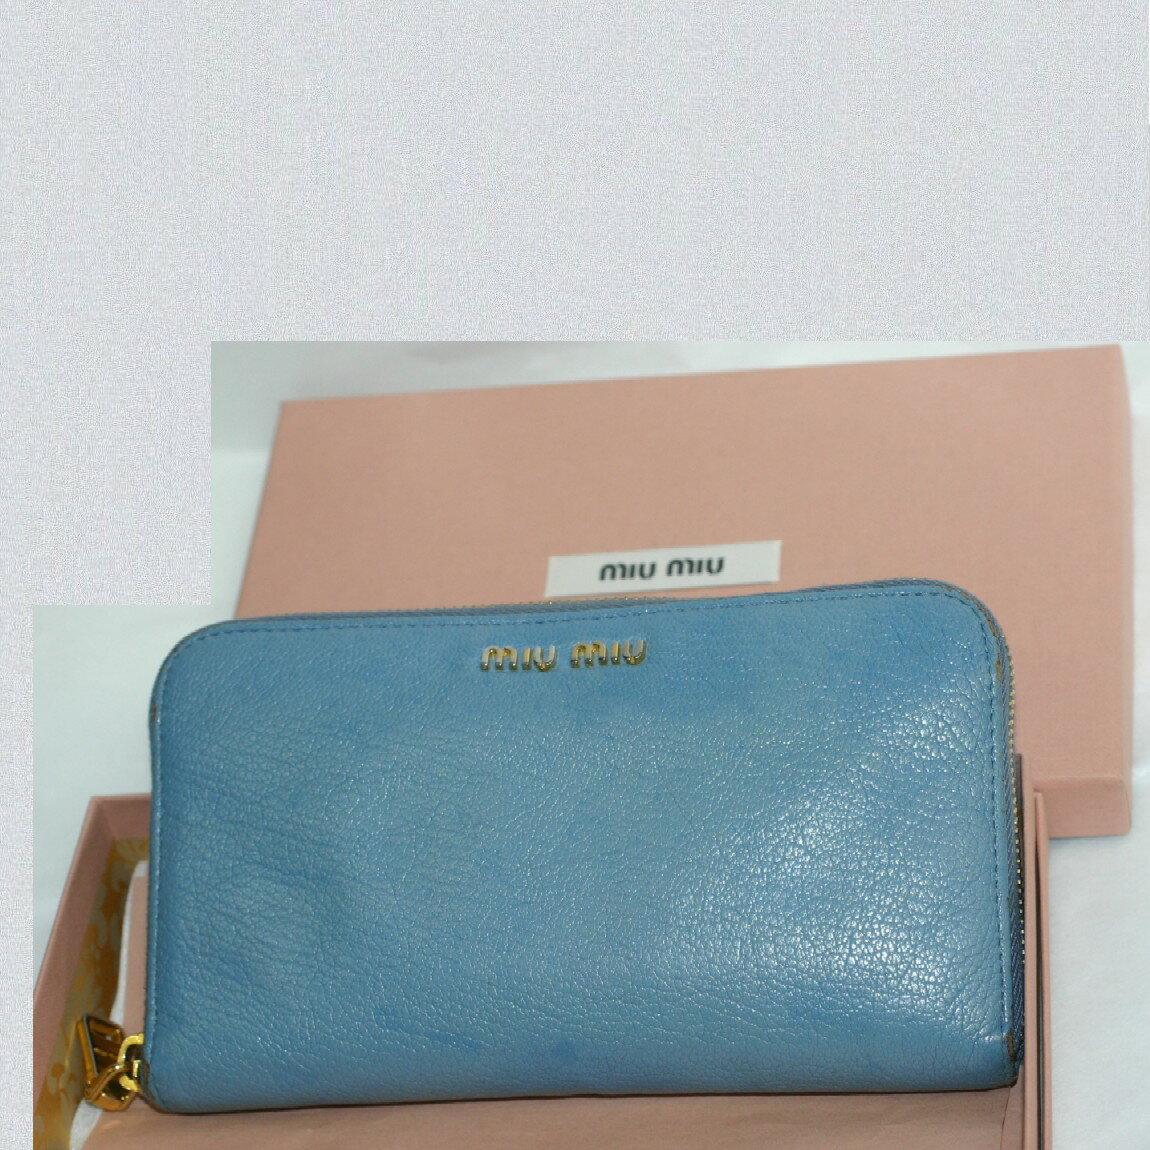 【中古】本物可ミュウミュウ女性用ブルー色ラウンドファスナー長財布 サイズW18H10,5D2cm